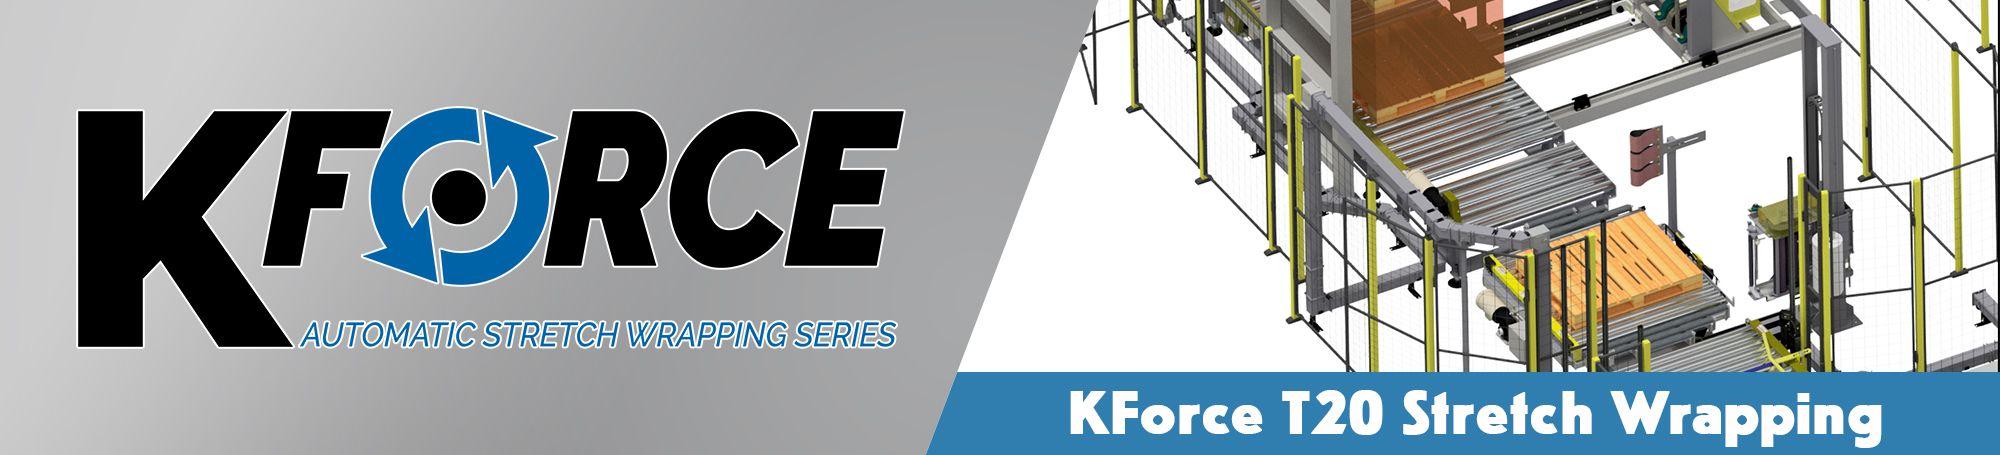 KForce T20 Wrapper.jpg